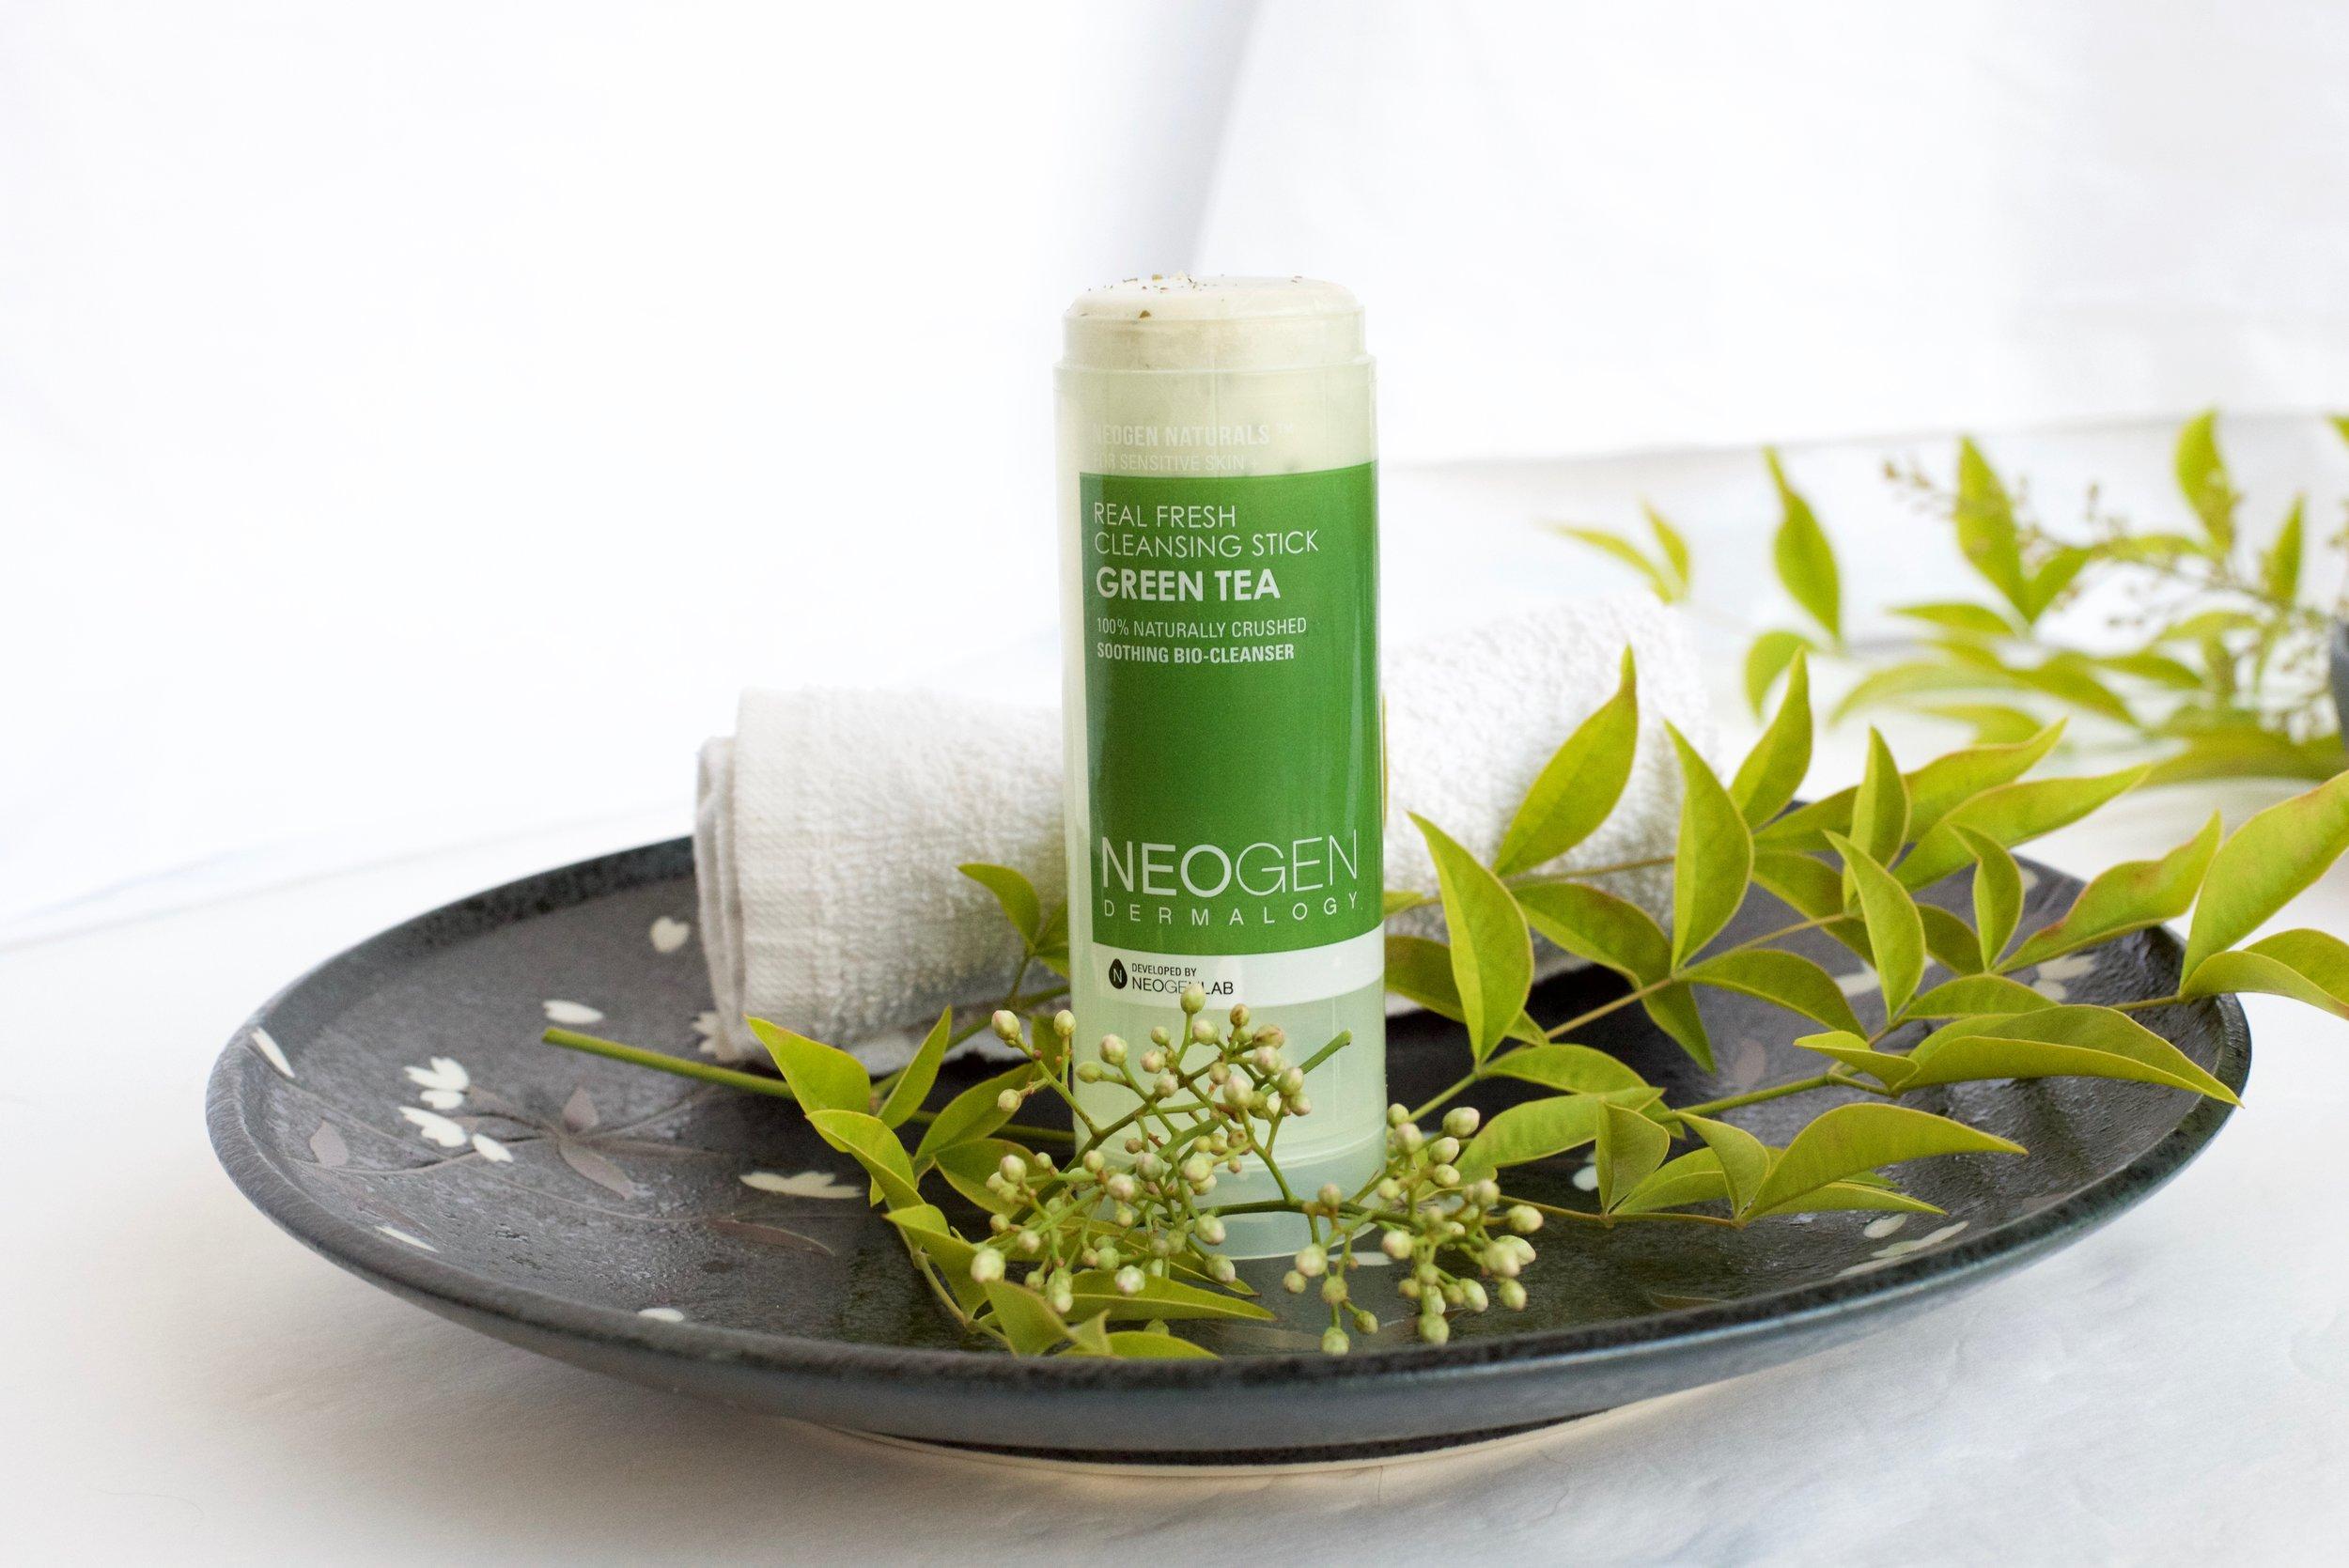 Neogen-Real-Fresh-Cleansing-Stick-Green-Tea_DSC_3670.jpg